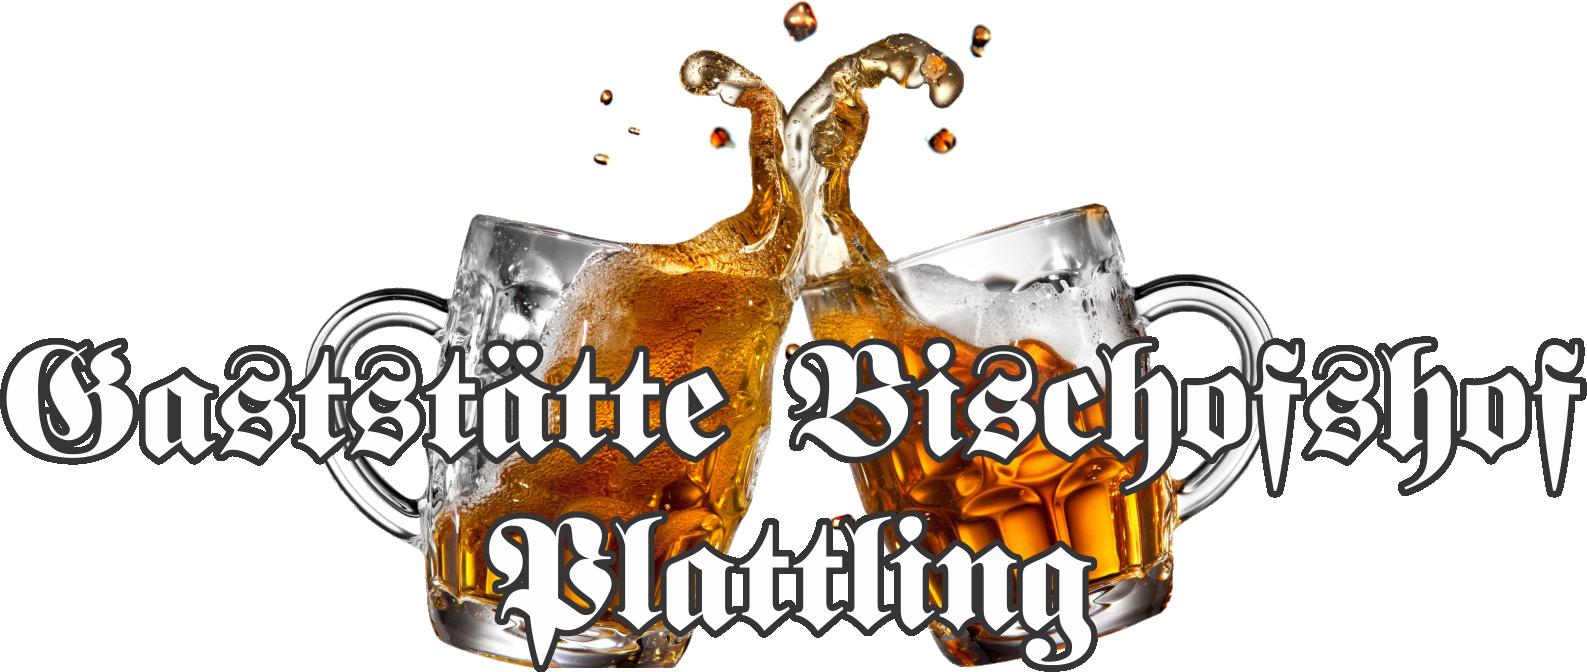 Gaststätte Bischofshof Plattling